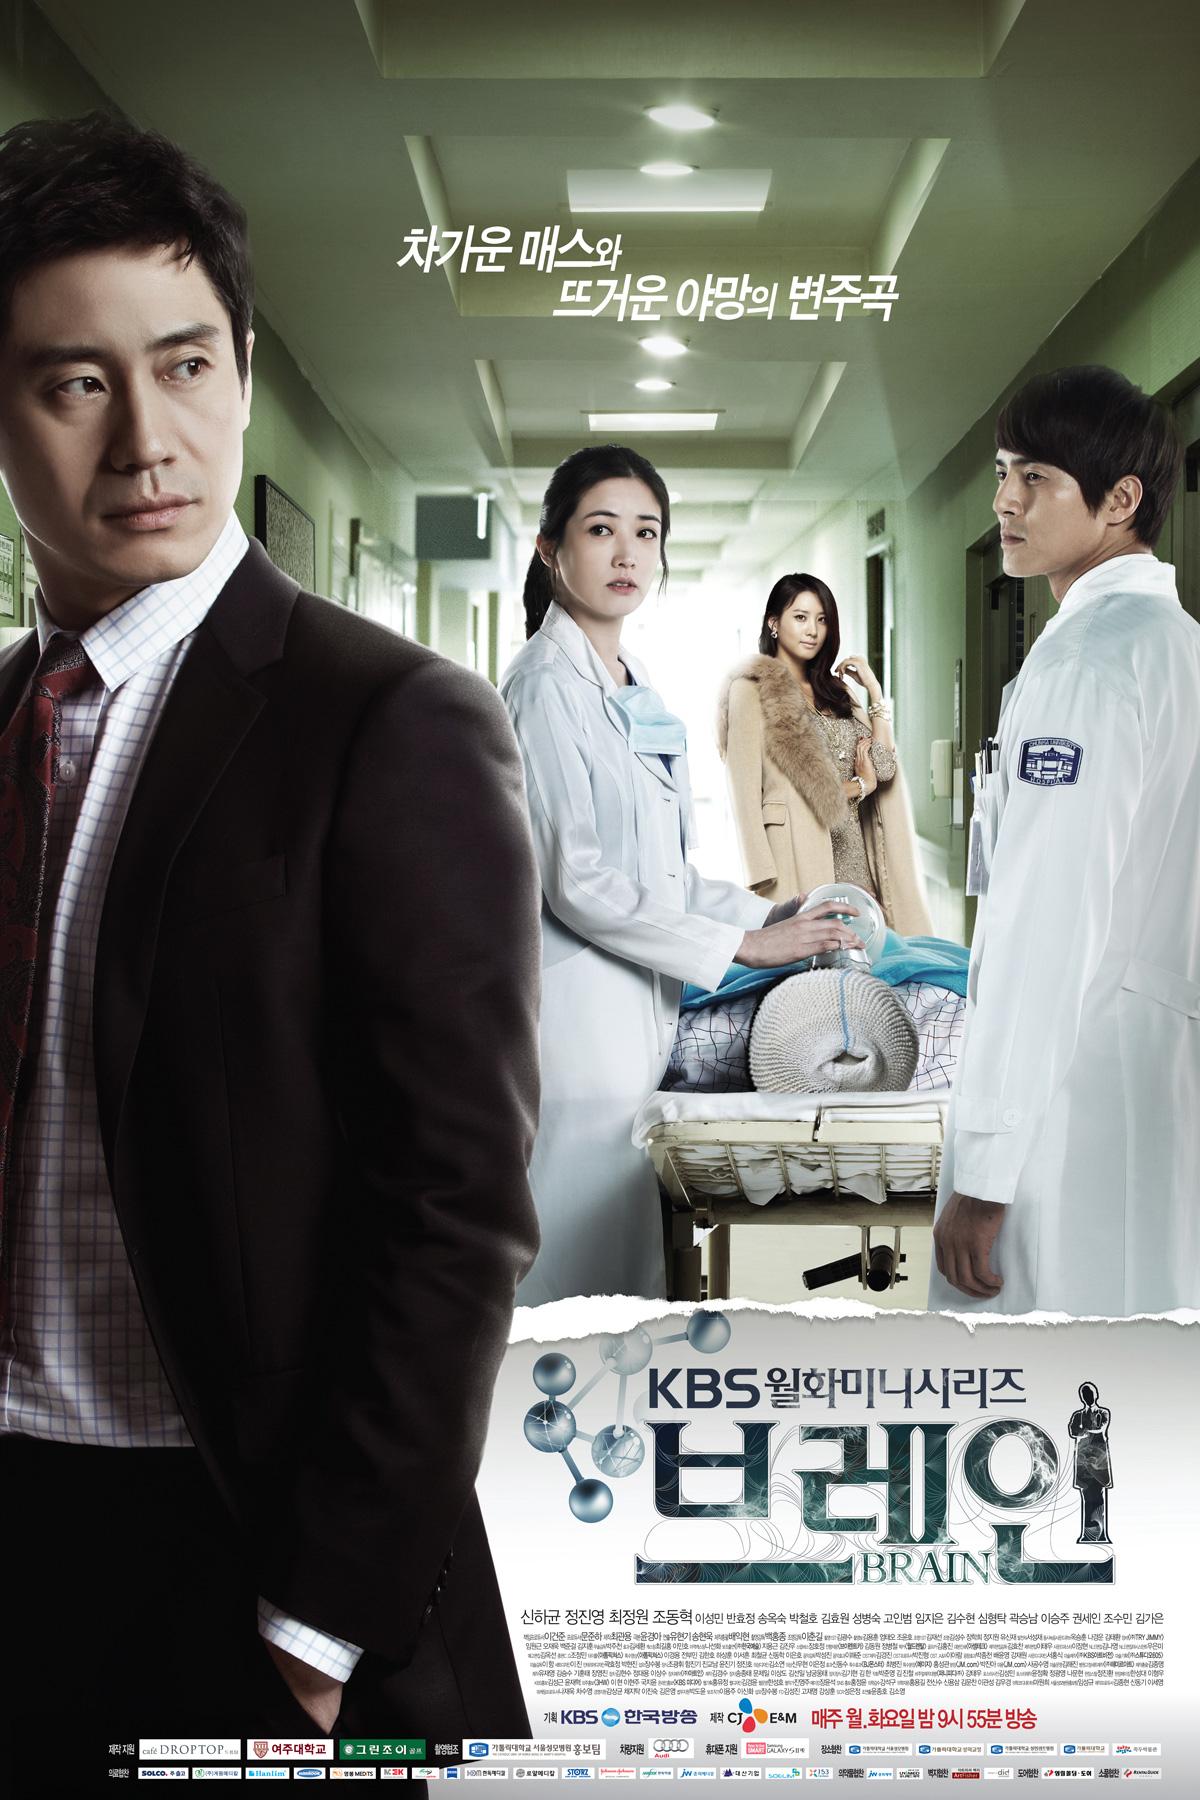 http://img.kbs.co.kr/cms/drama/brain/images/poster_04.jpg